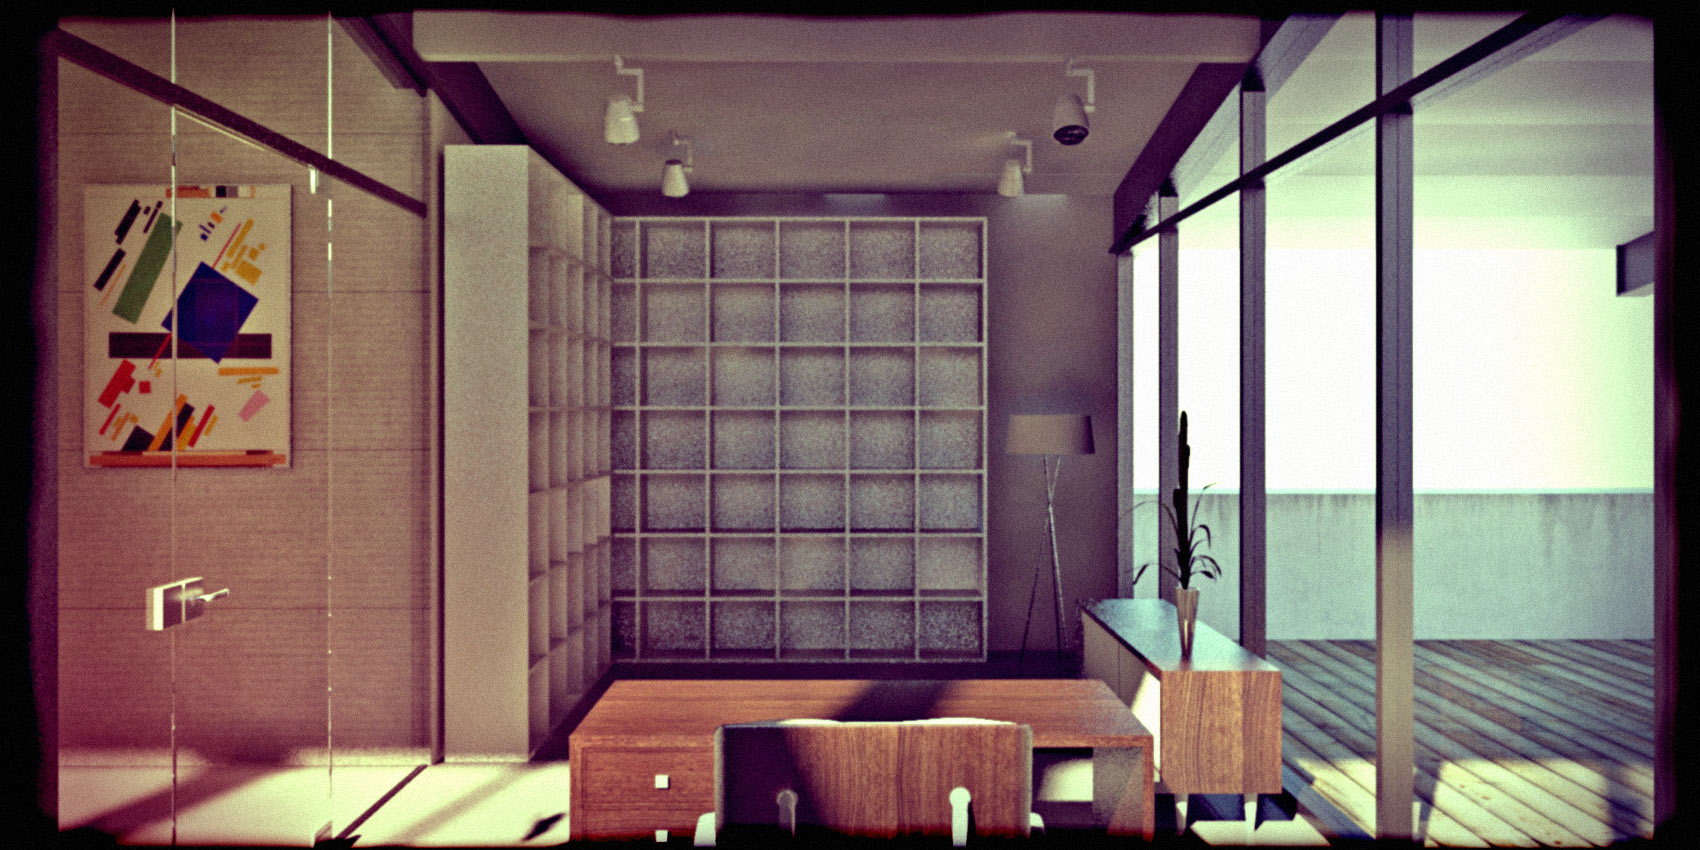 interior_15-2